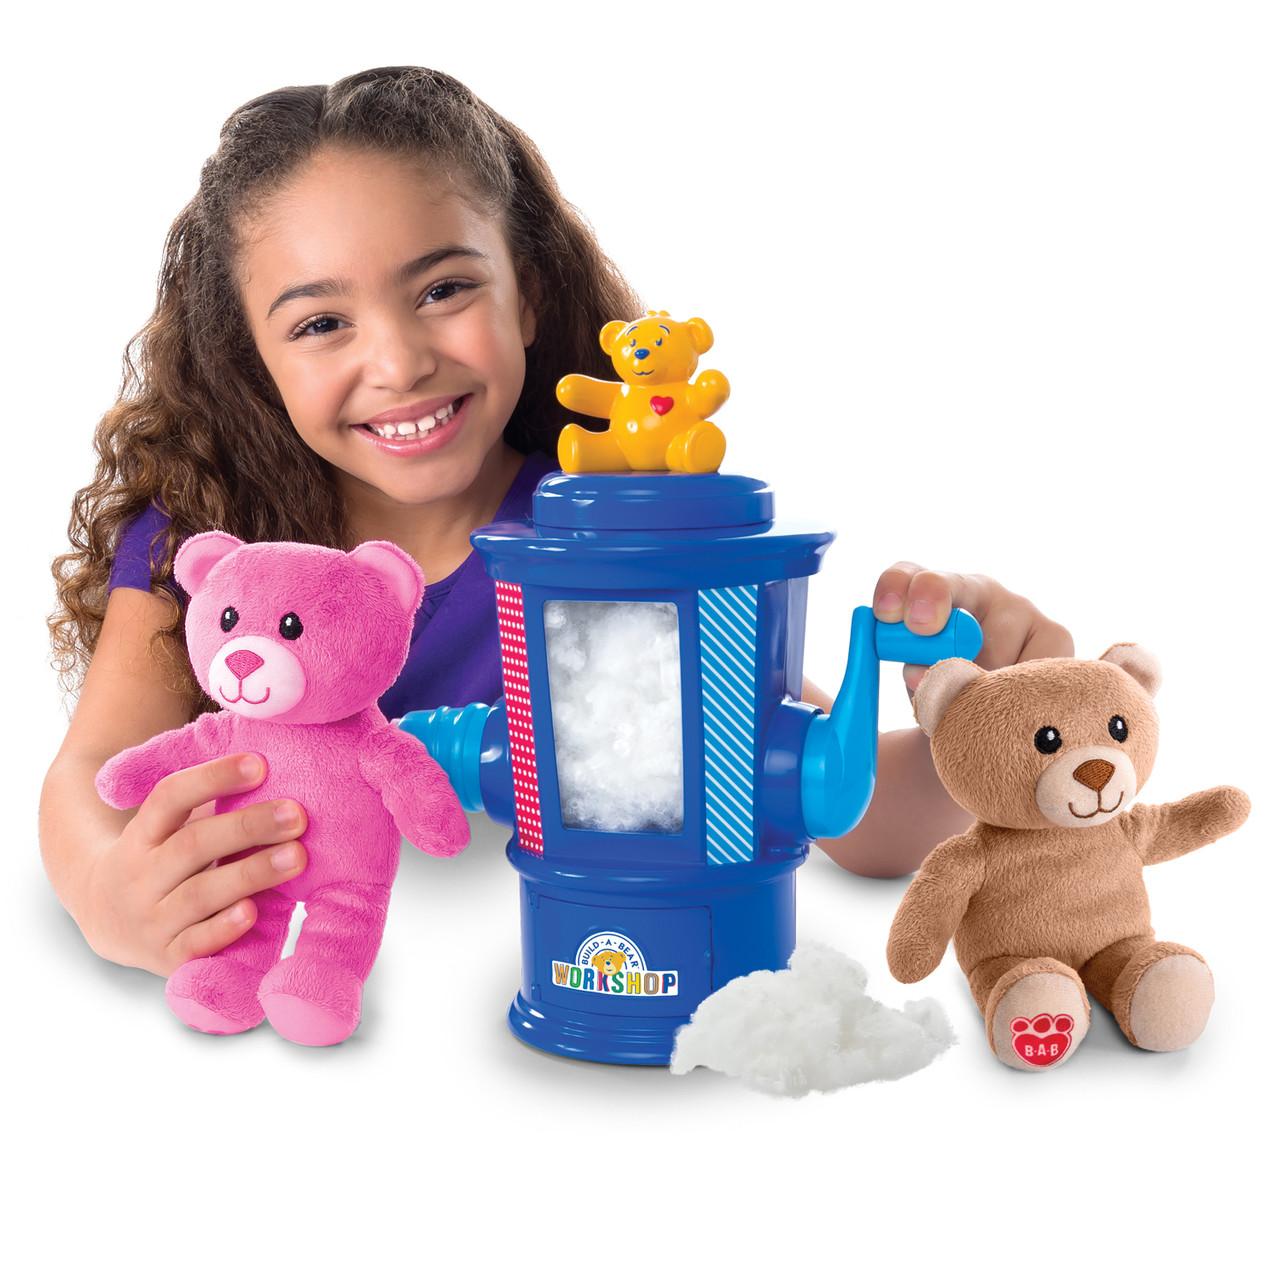 Рейтинг лучших развивающих игрушек для детей от 3-х лет: производители, какие выбрать, рейтинг топ-7